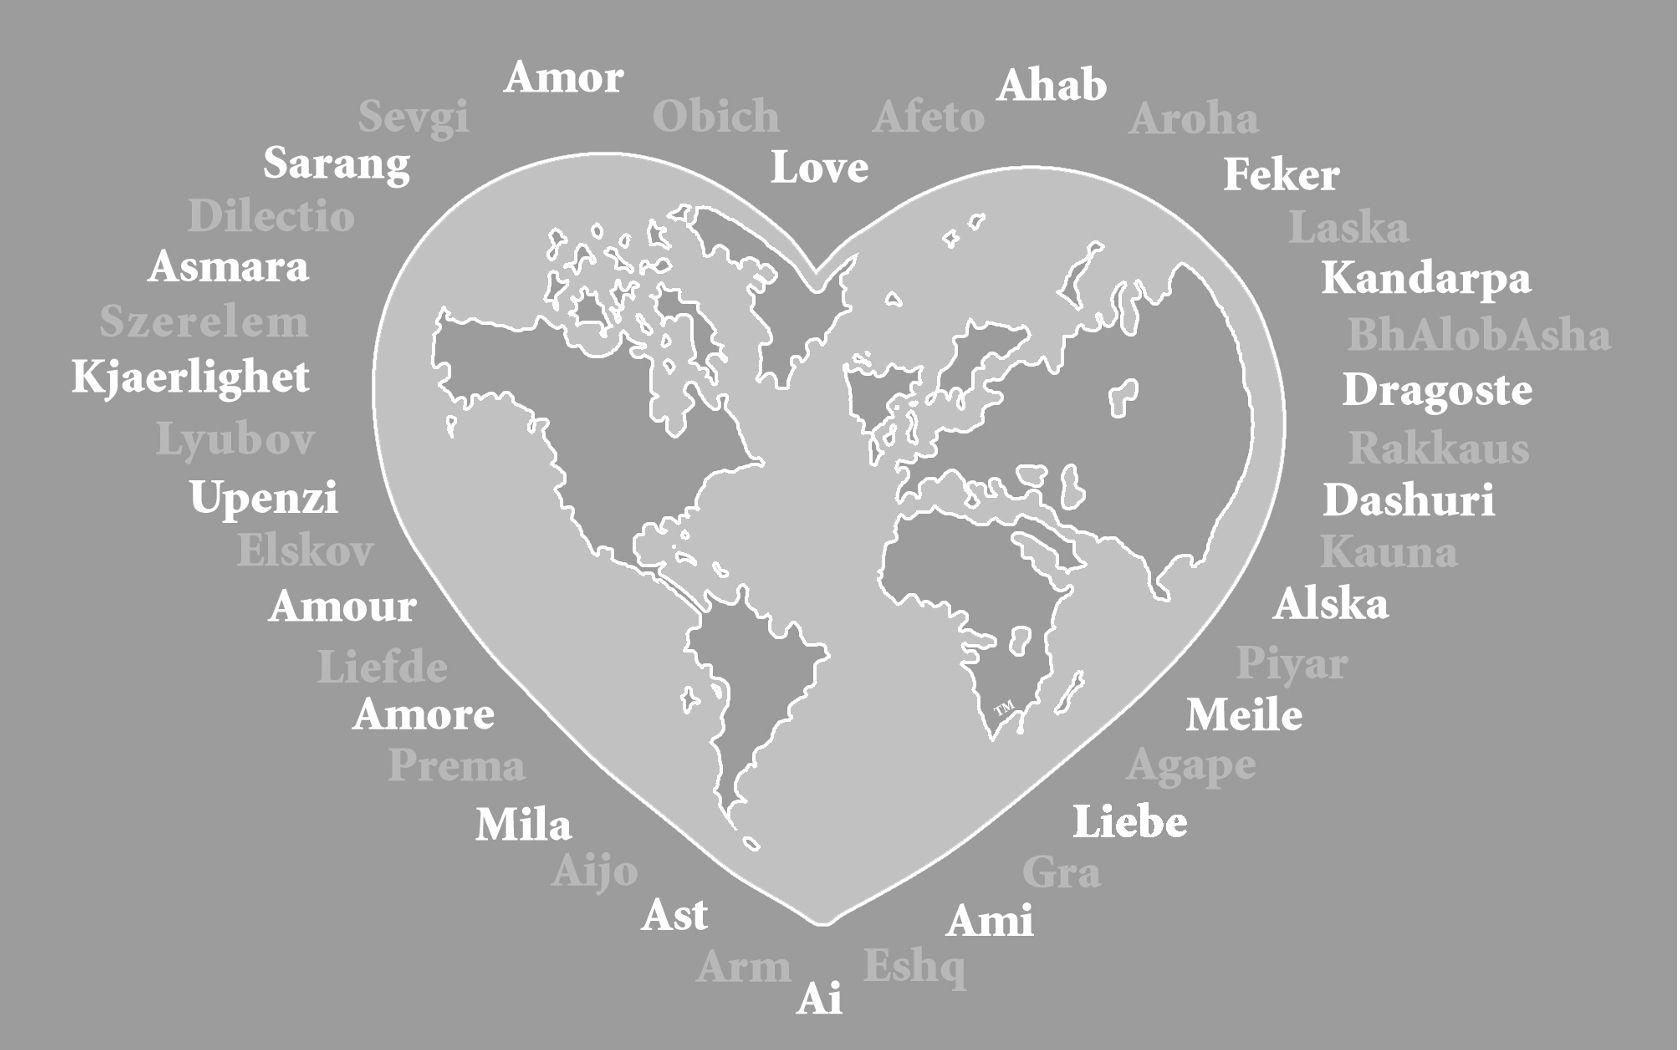 Parejas Computer Wallpaper Desktop Background 1680x1050 Id 202478 Imágenes De Fondo Fondos De Escritorio Love